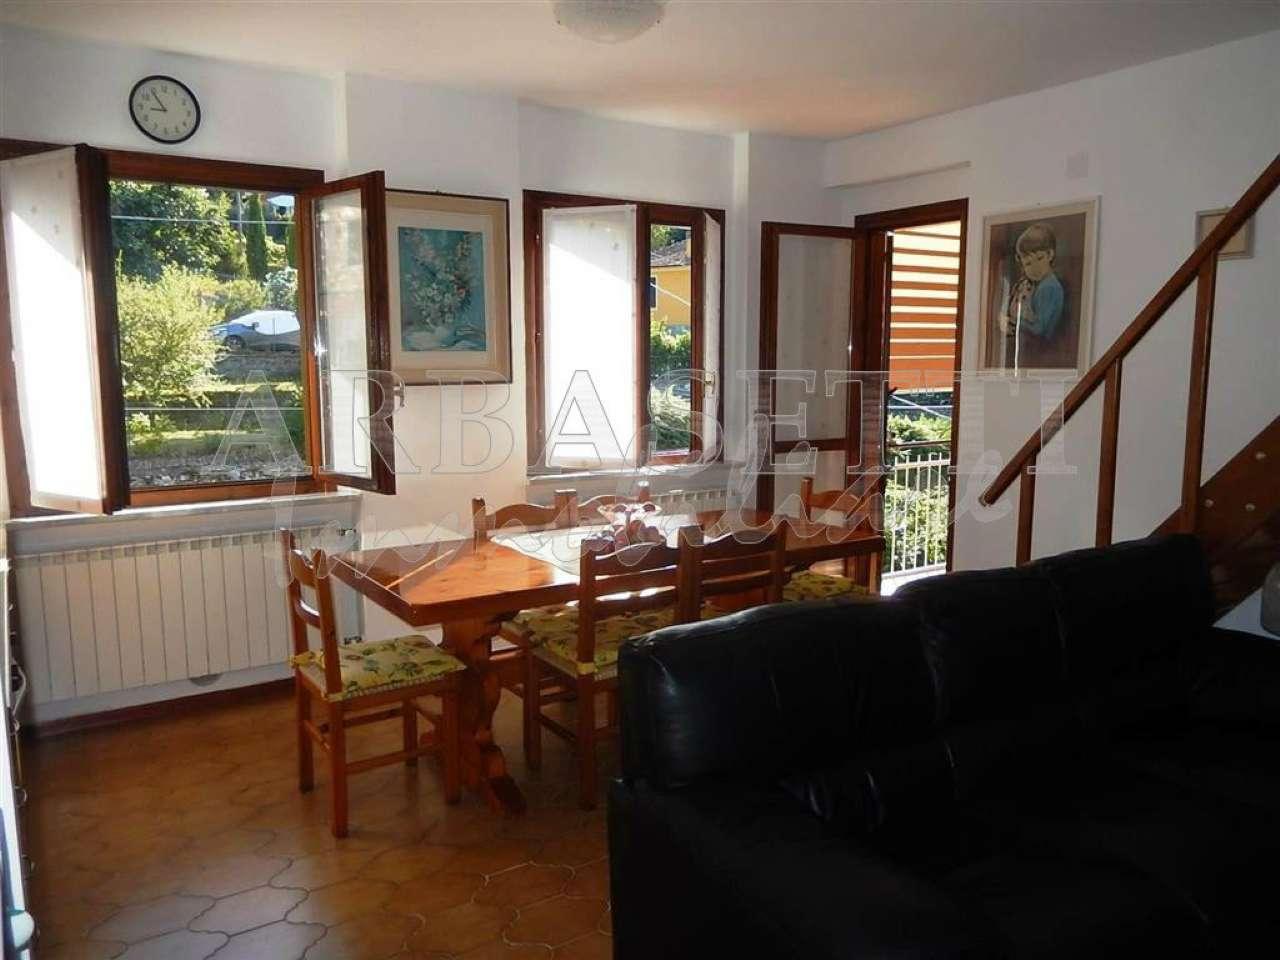 Appartamento in vendita a Carro, 4 locali, prezzo € 100.000 | CambioCasa.it